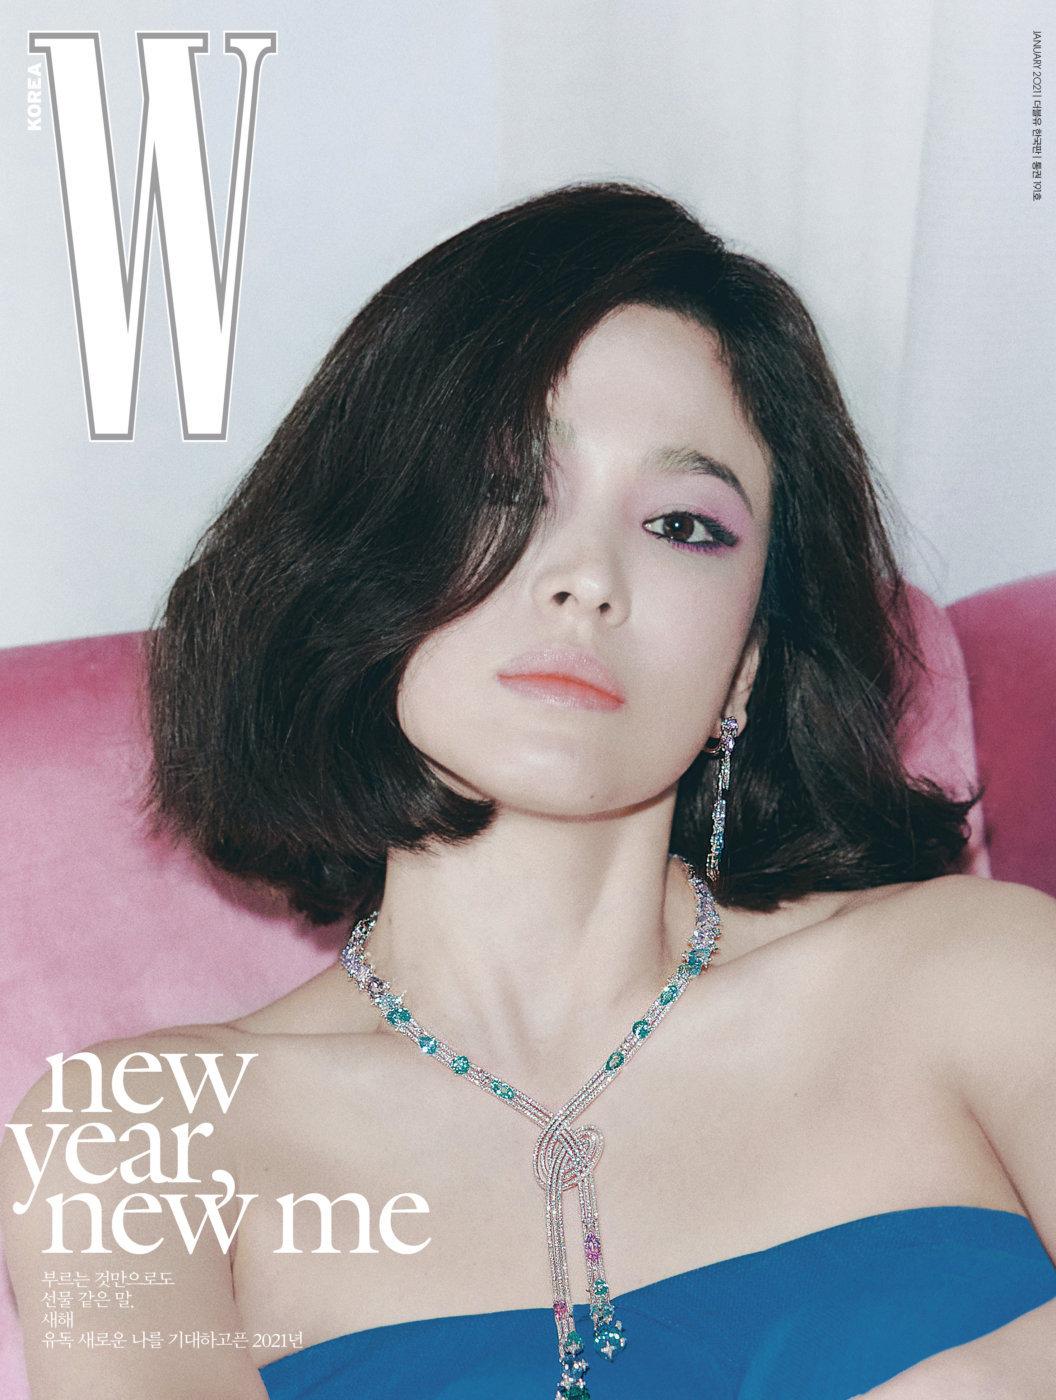 Đụng hàng hiệu trên tạp chí: Song Hye Kyo sắc lạnh, Đường Yên gây tranh cãi với style bù xù - Ảnh 1.